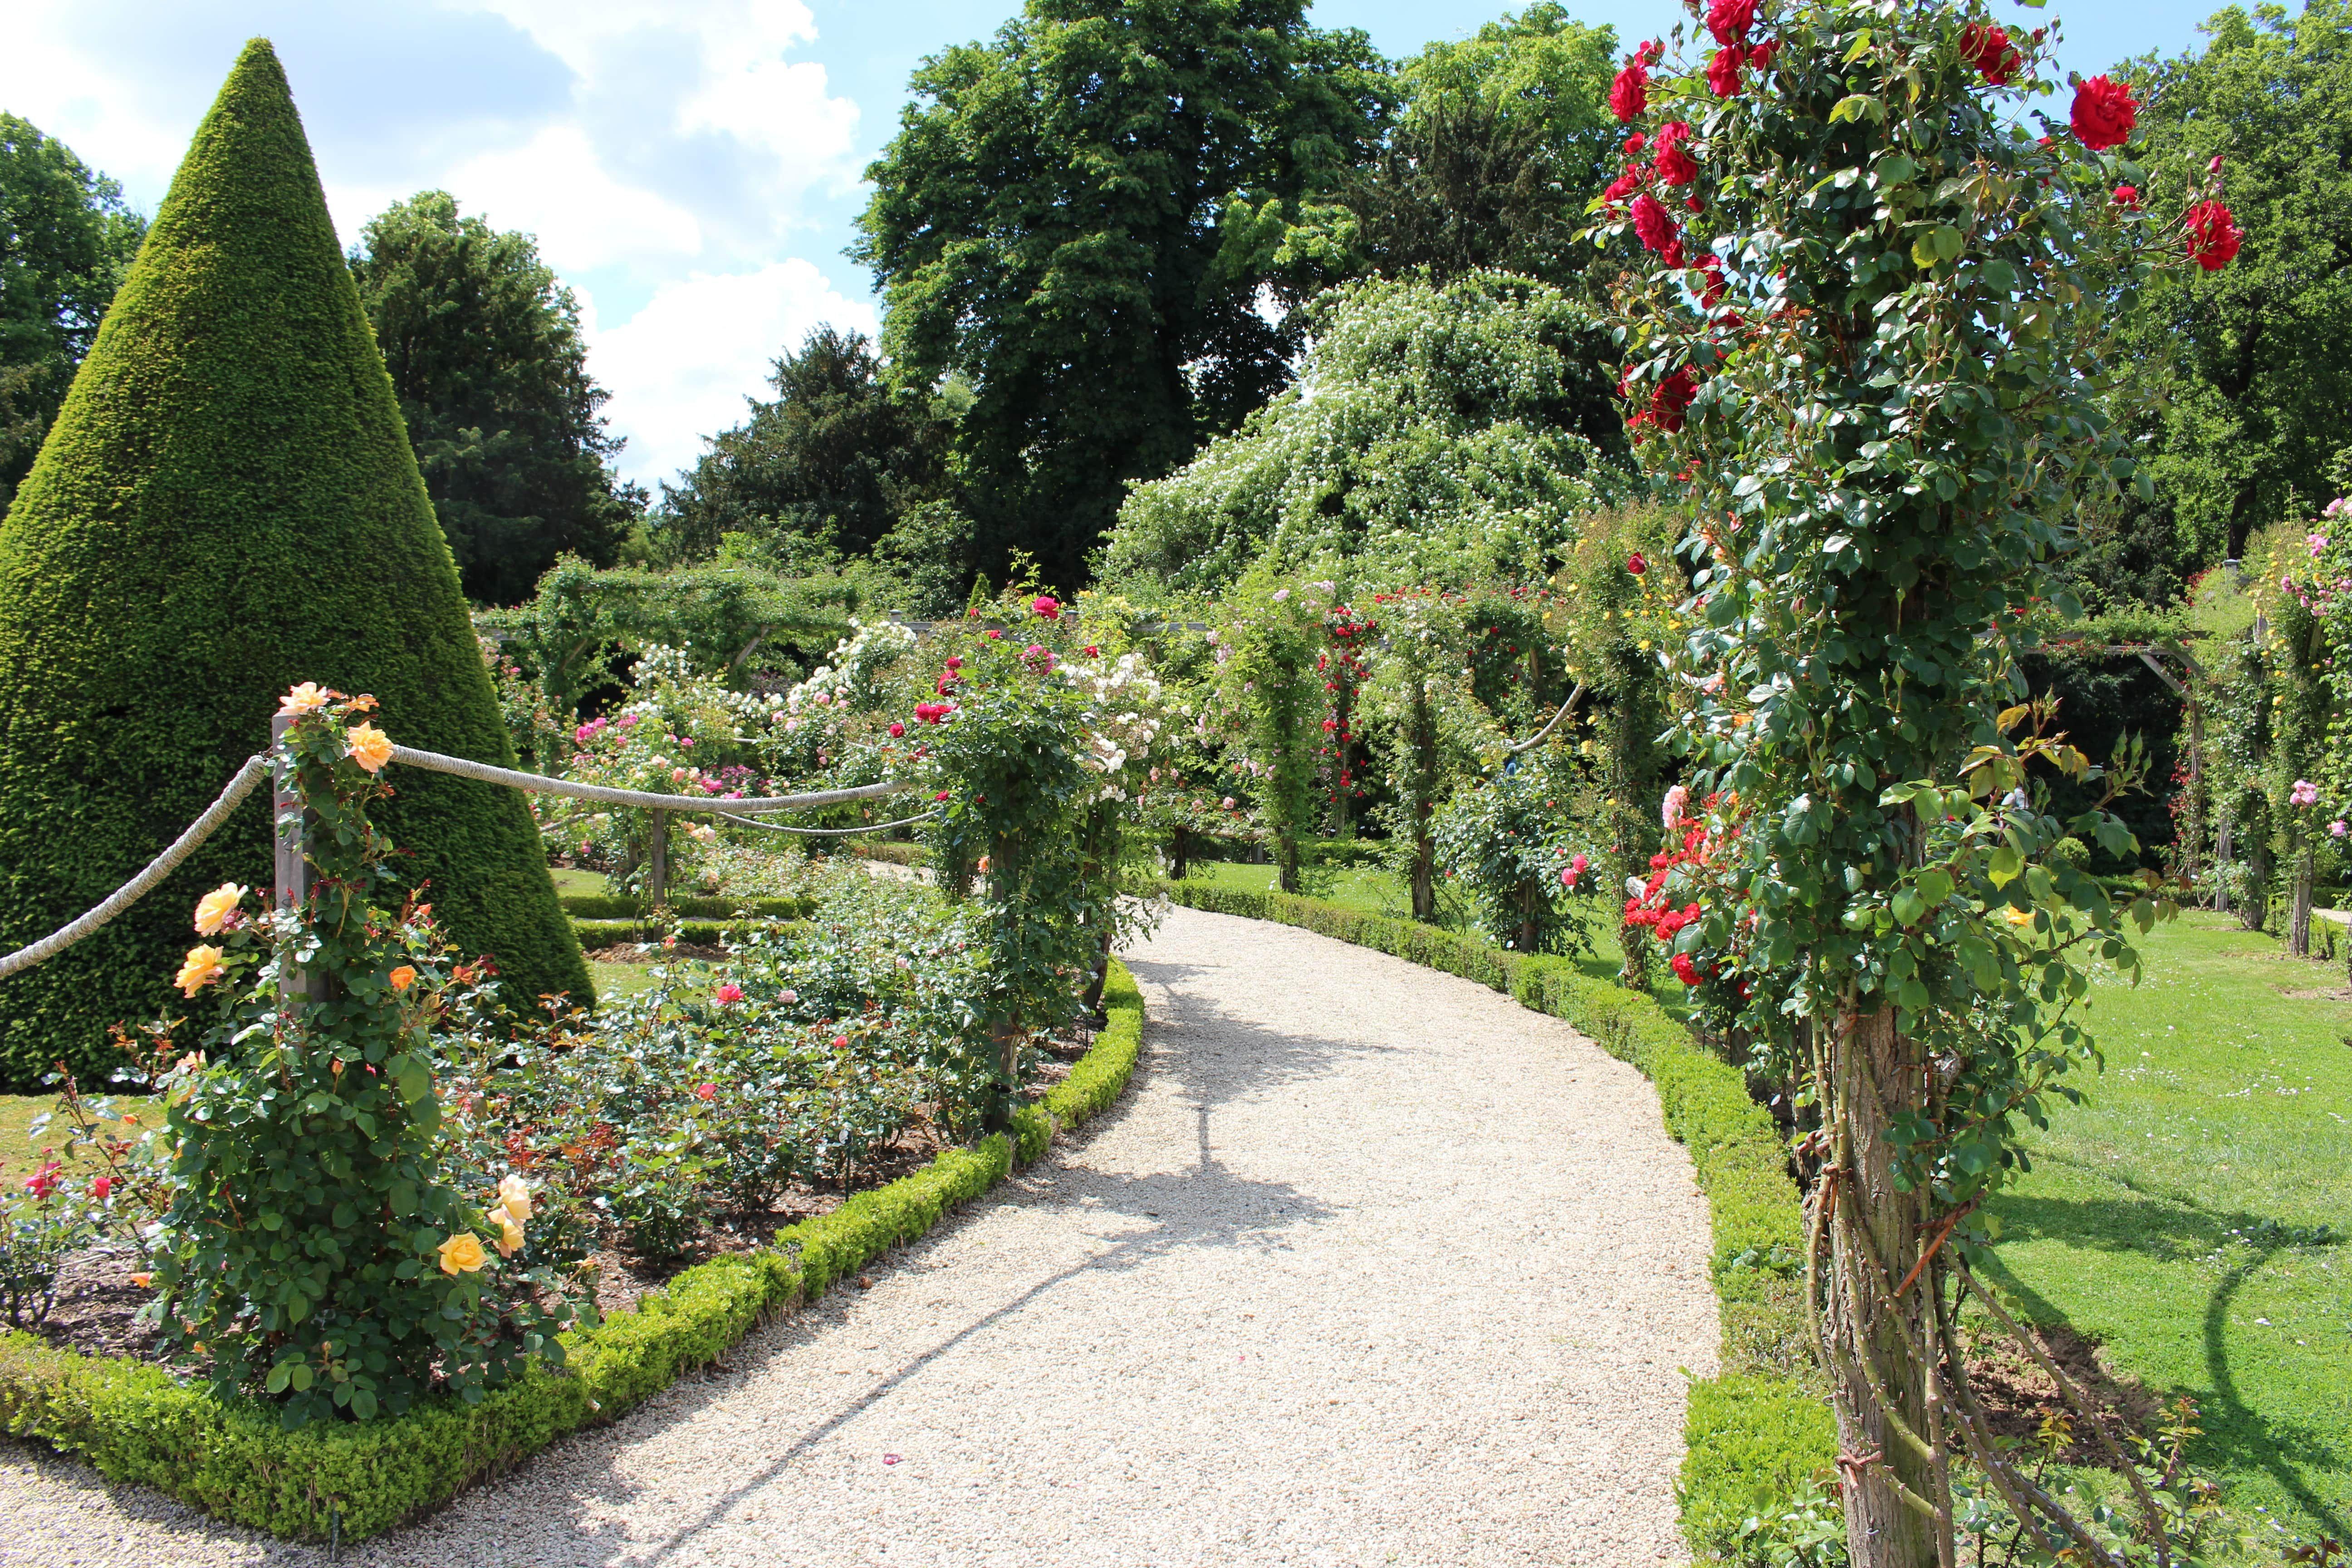 Roseraie Et Magie Des Couleurs A Bagatelle Entree Du Jardin Jardin Bagatelle Jardins